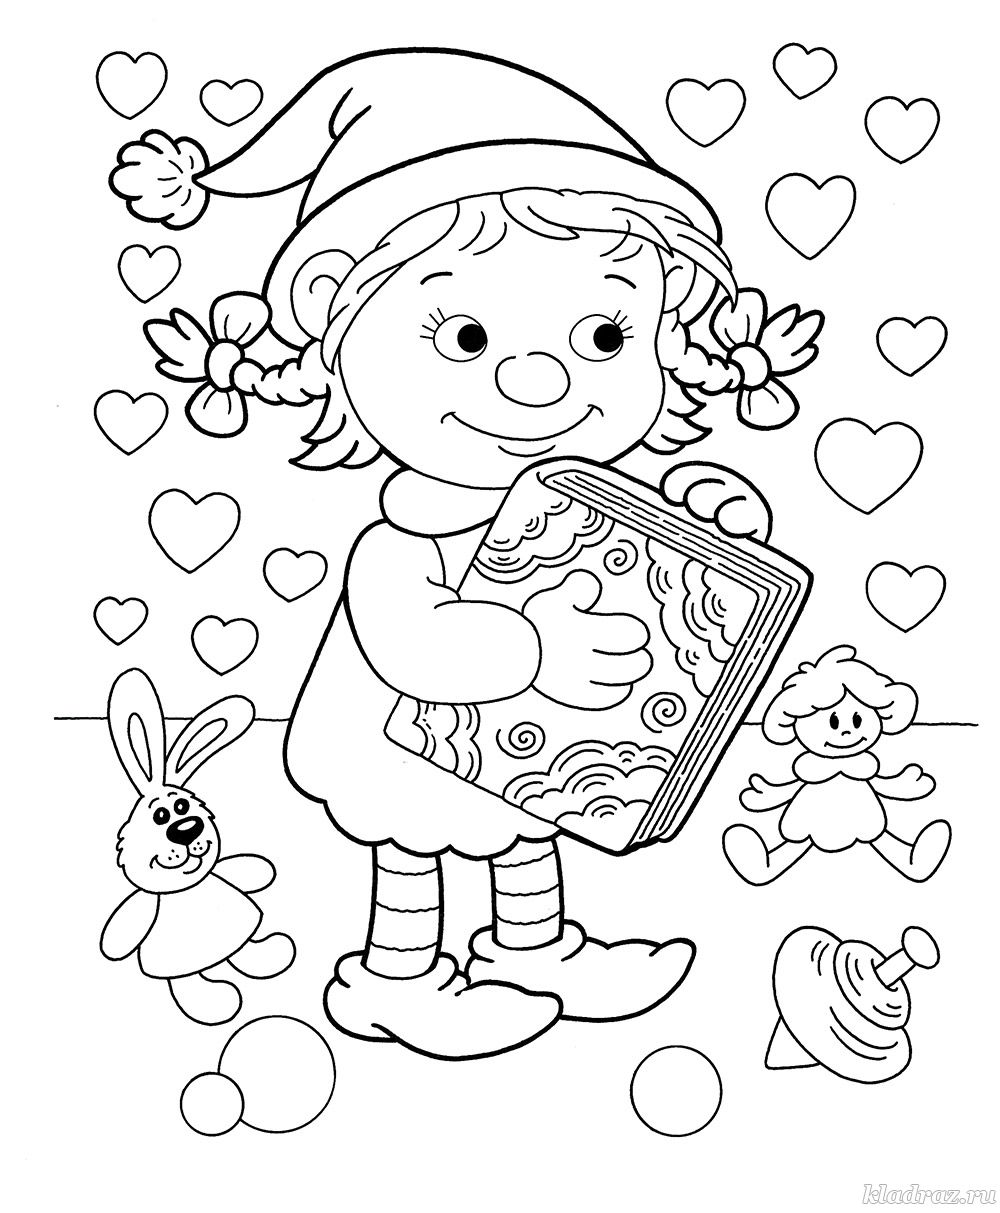 Новогодняя раскраска для детей 5-6 лет